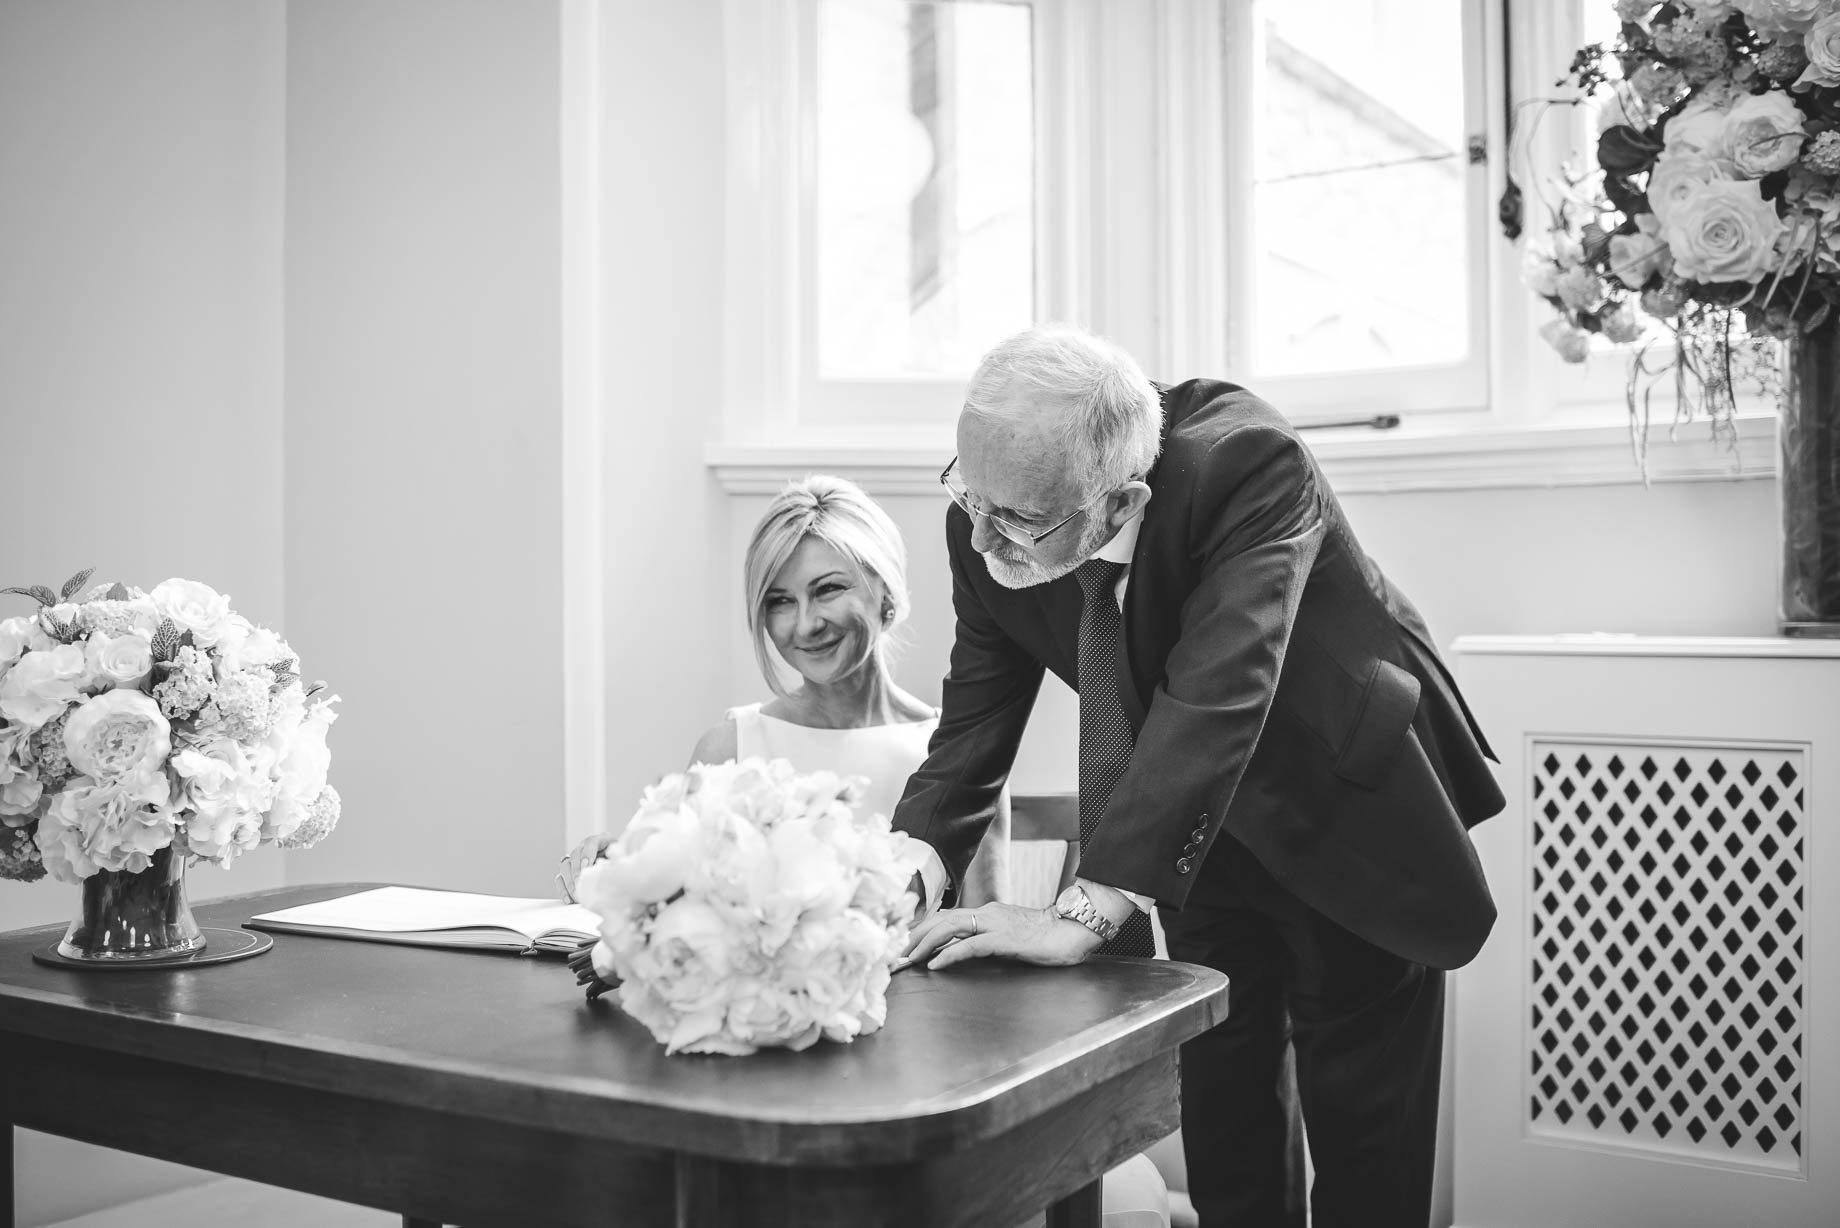 Mayfair wedding photography - Allison and Eugene (46 of 94)